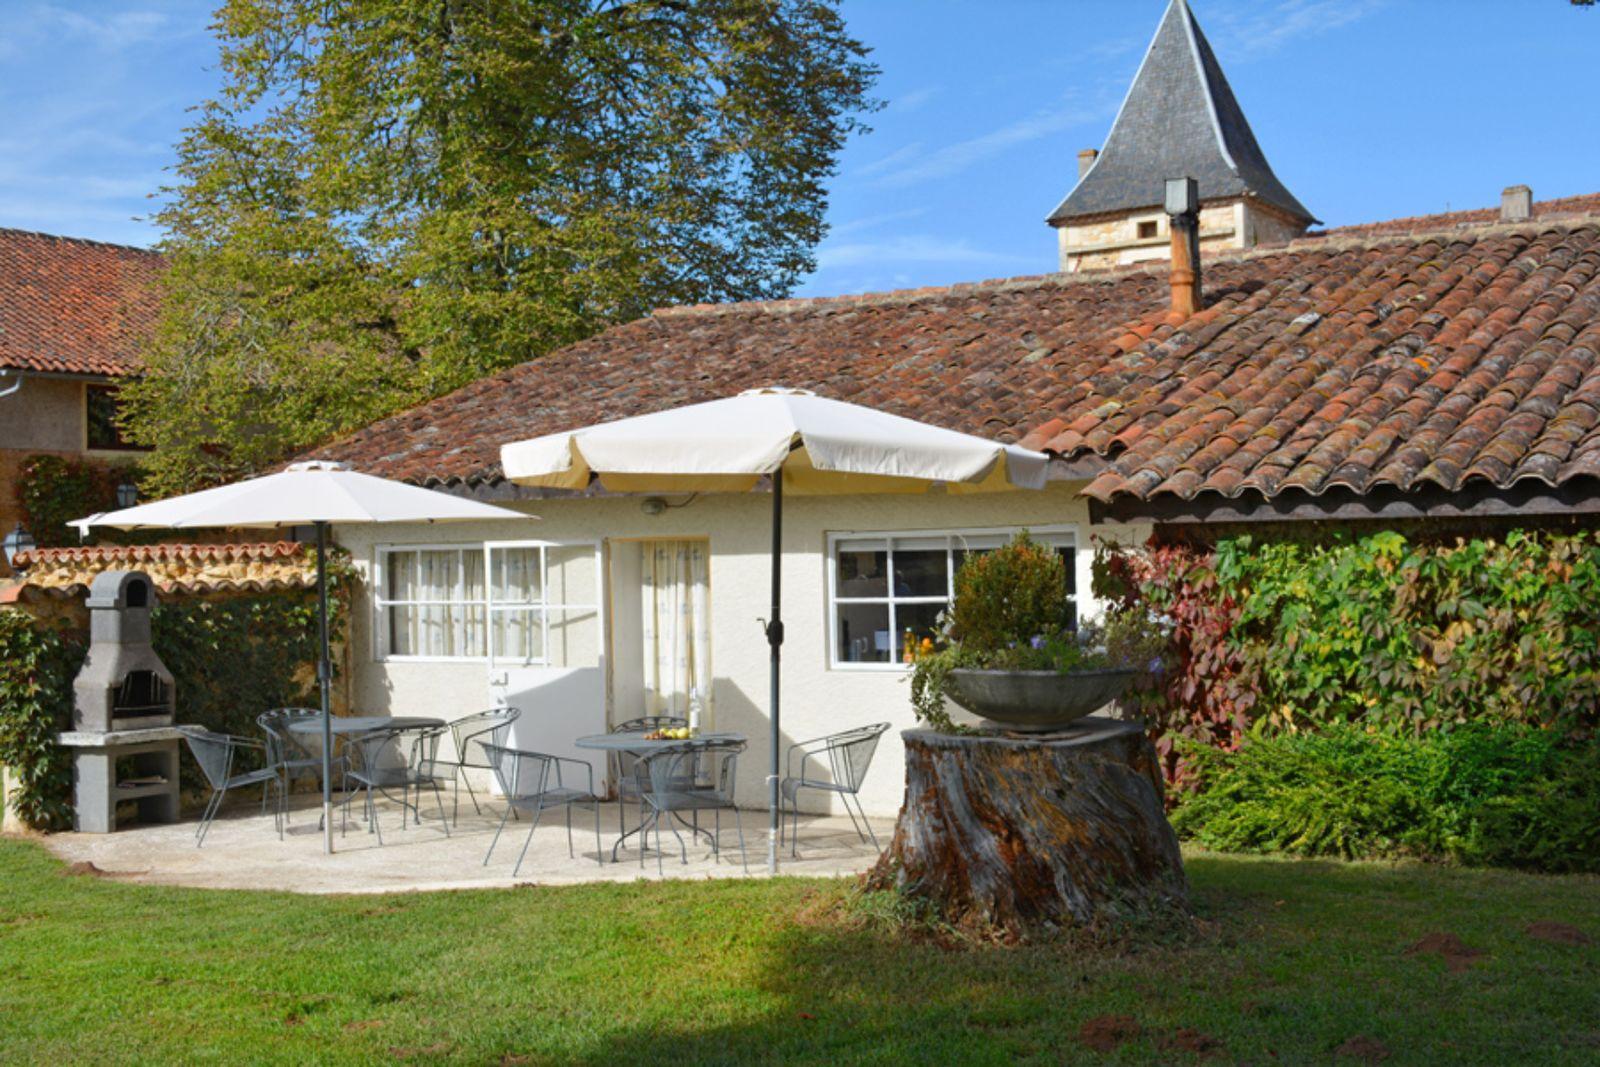 Afbeelding van Chateau Prayssac - Bakkershuis vrijstaand huis met zwembad